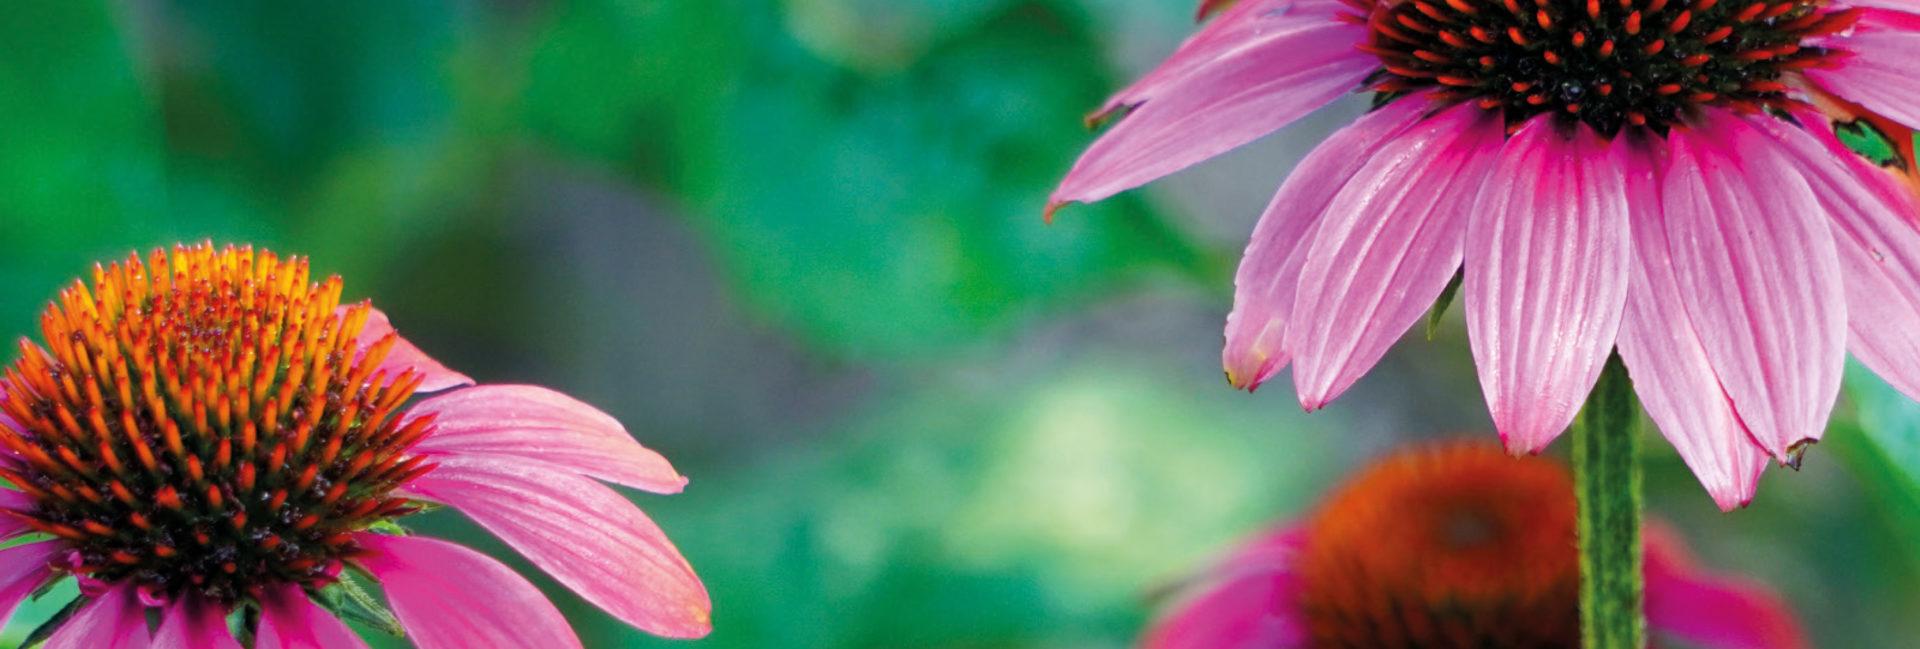 Echinacea - Praxis für Homöopathie MONIKA JAEGER